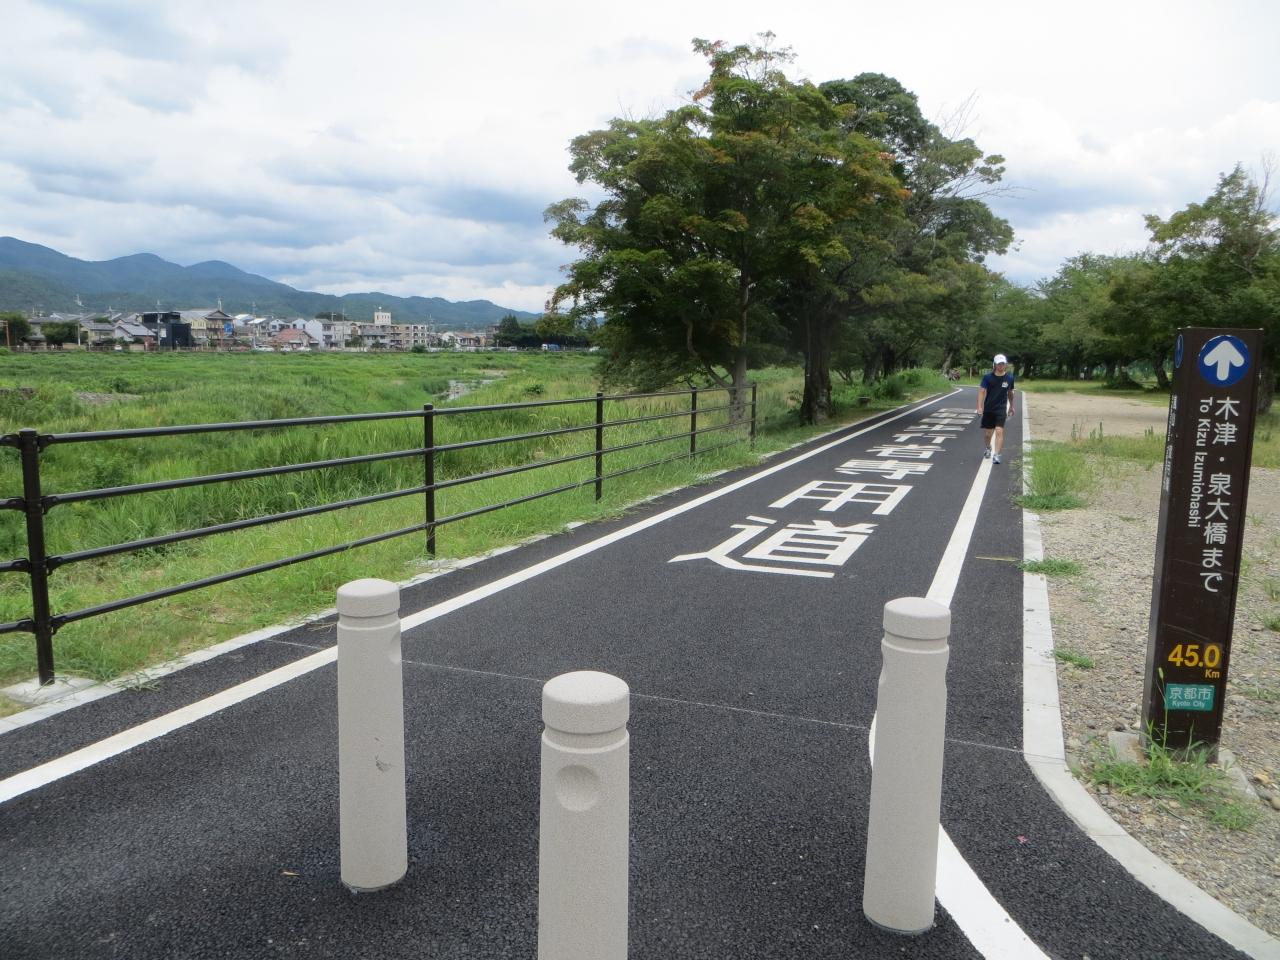 自転車道 大阪市 自転車道 : 最近サイクリングロードが延長 ...